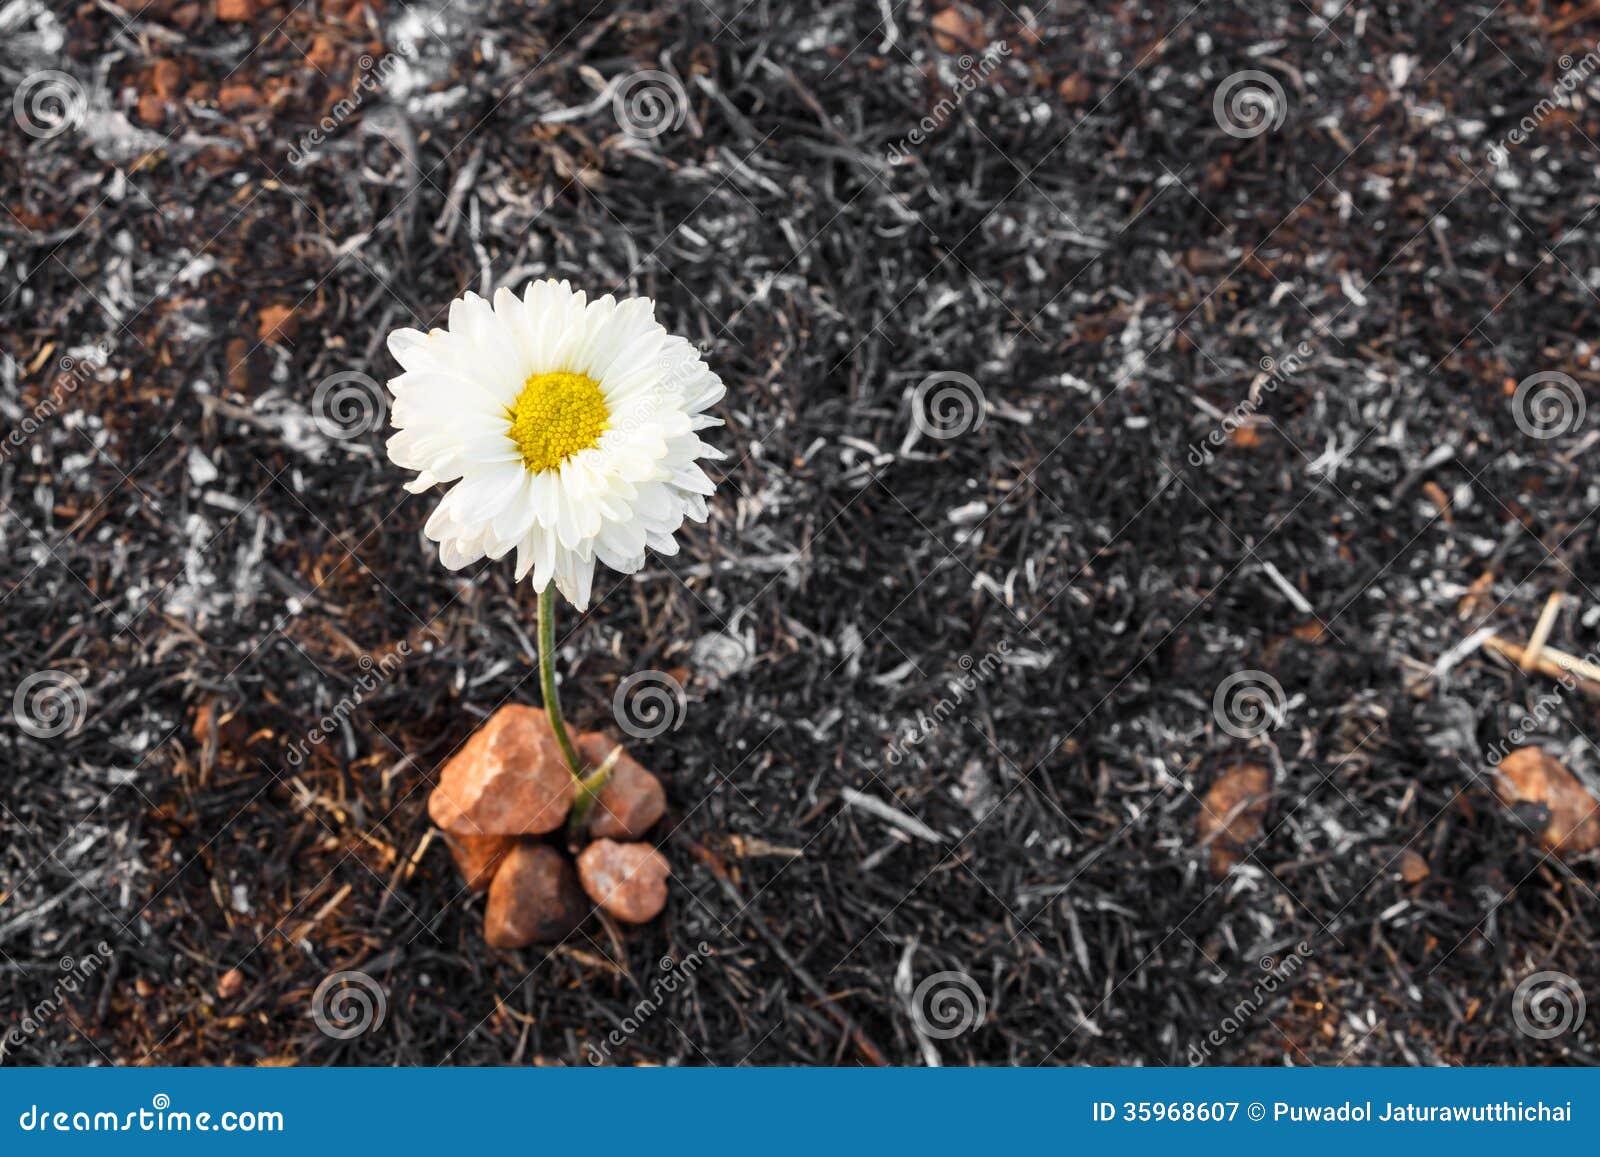 La flor sobrevive en la ceniza de la hierba quemada